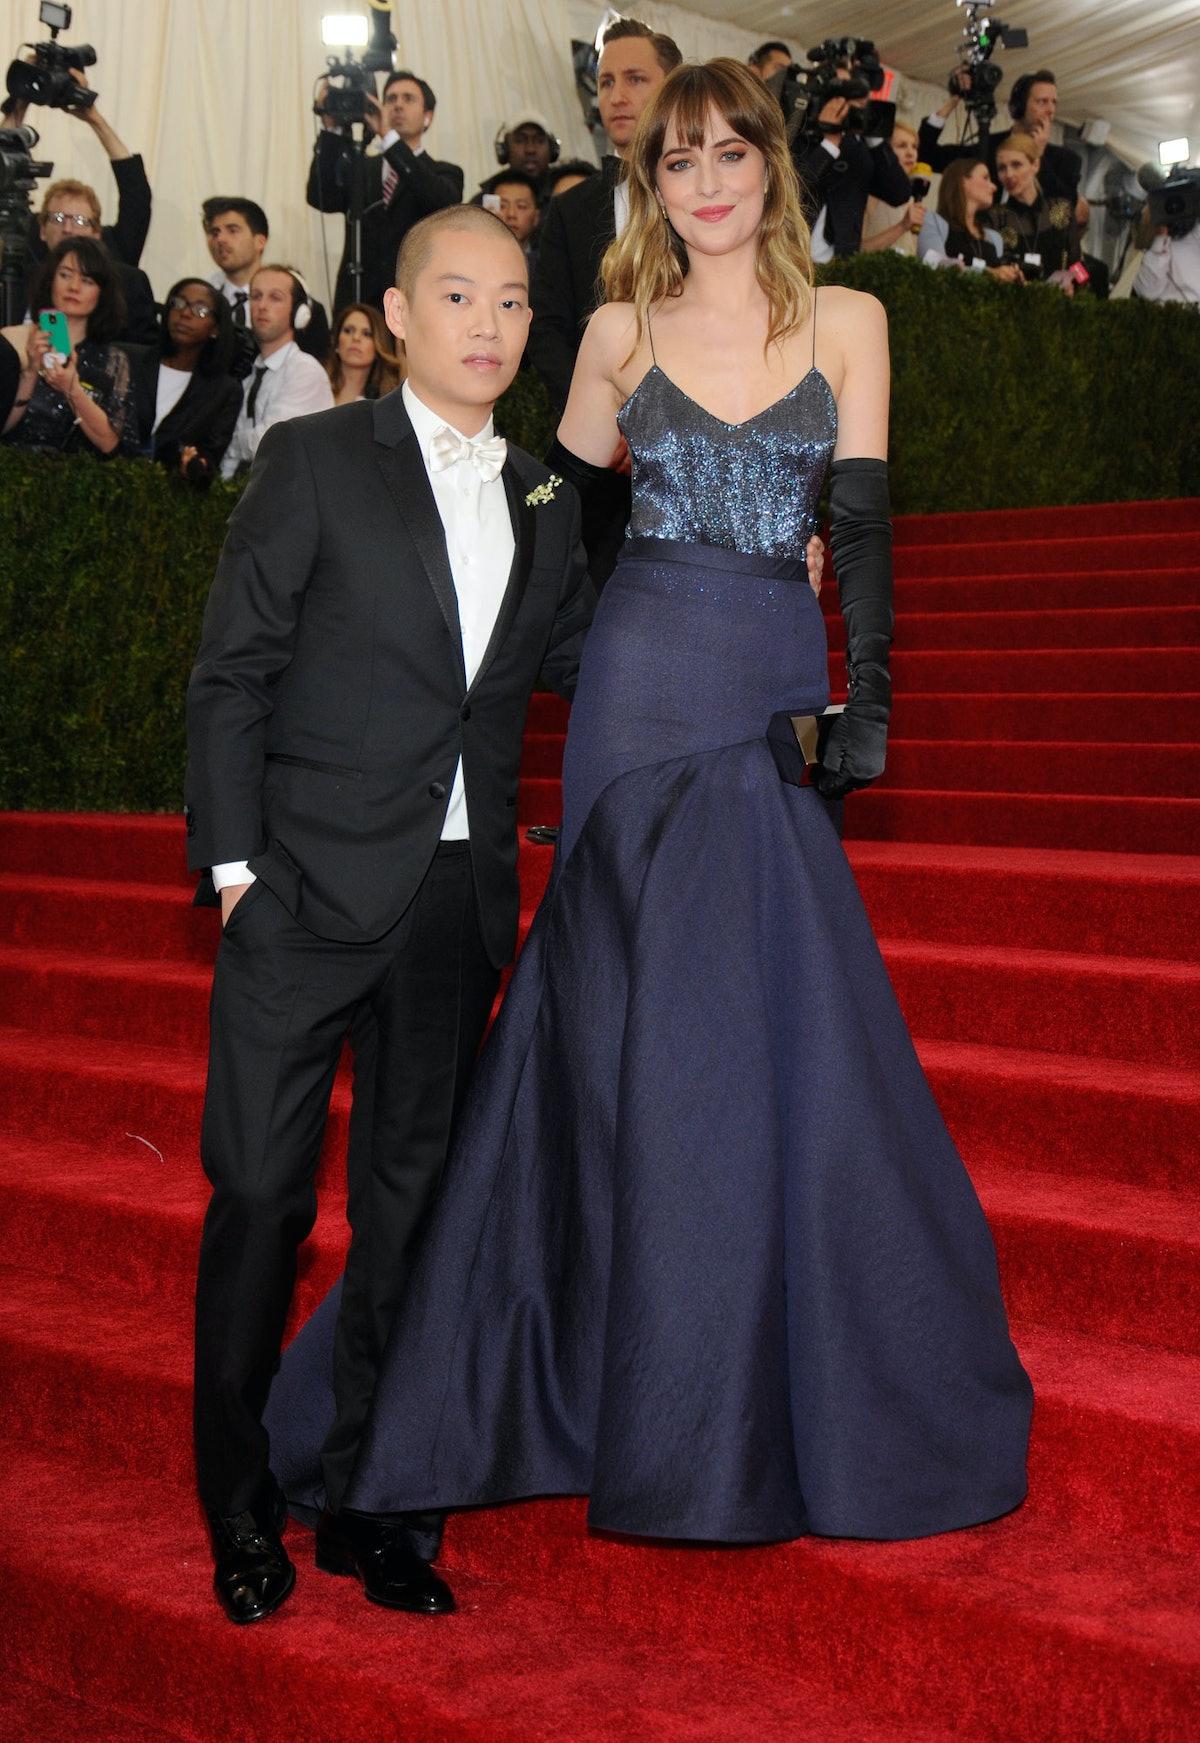 Jason Wu and Dakota Johnson